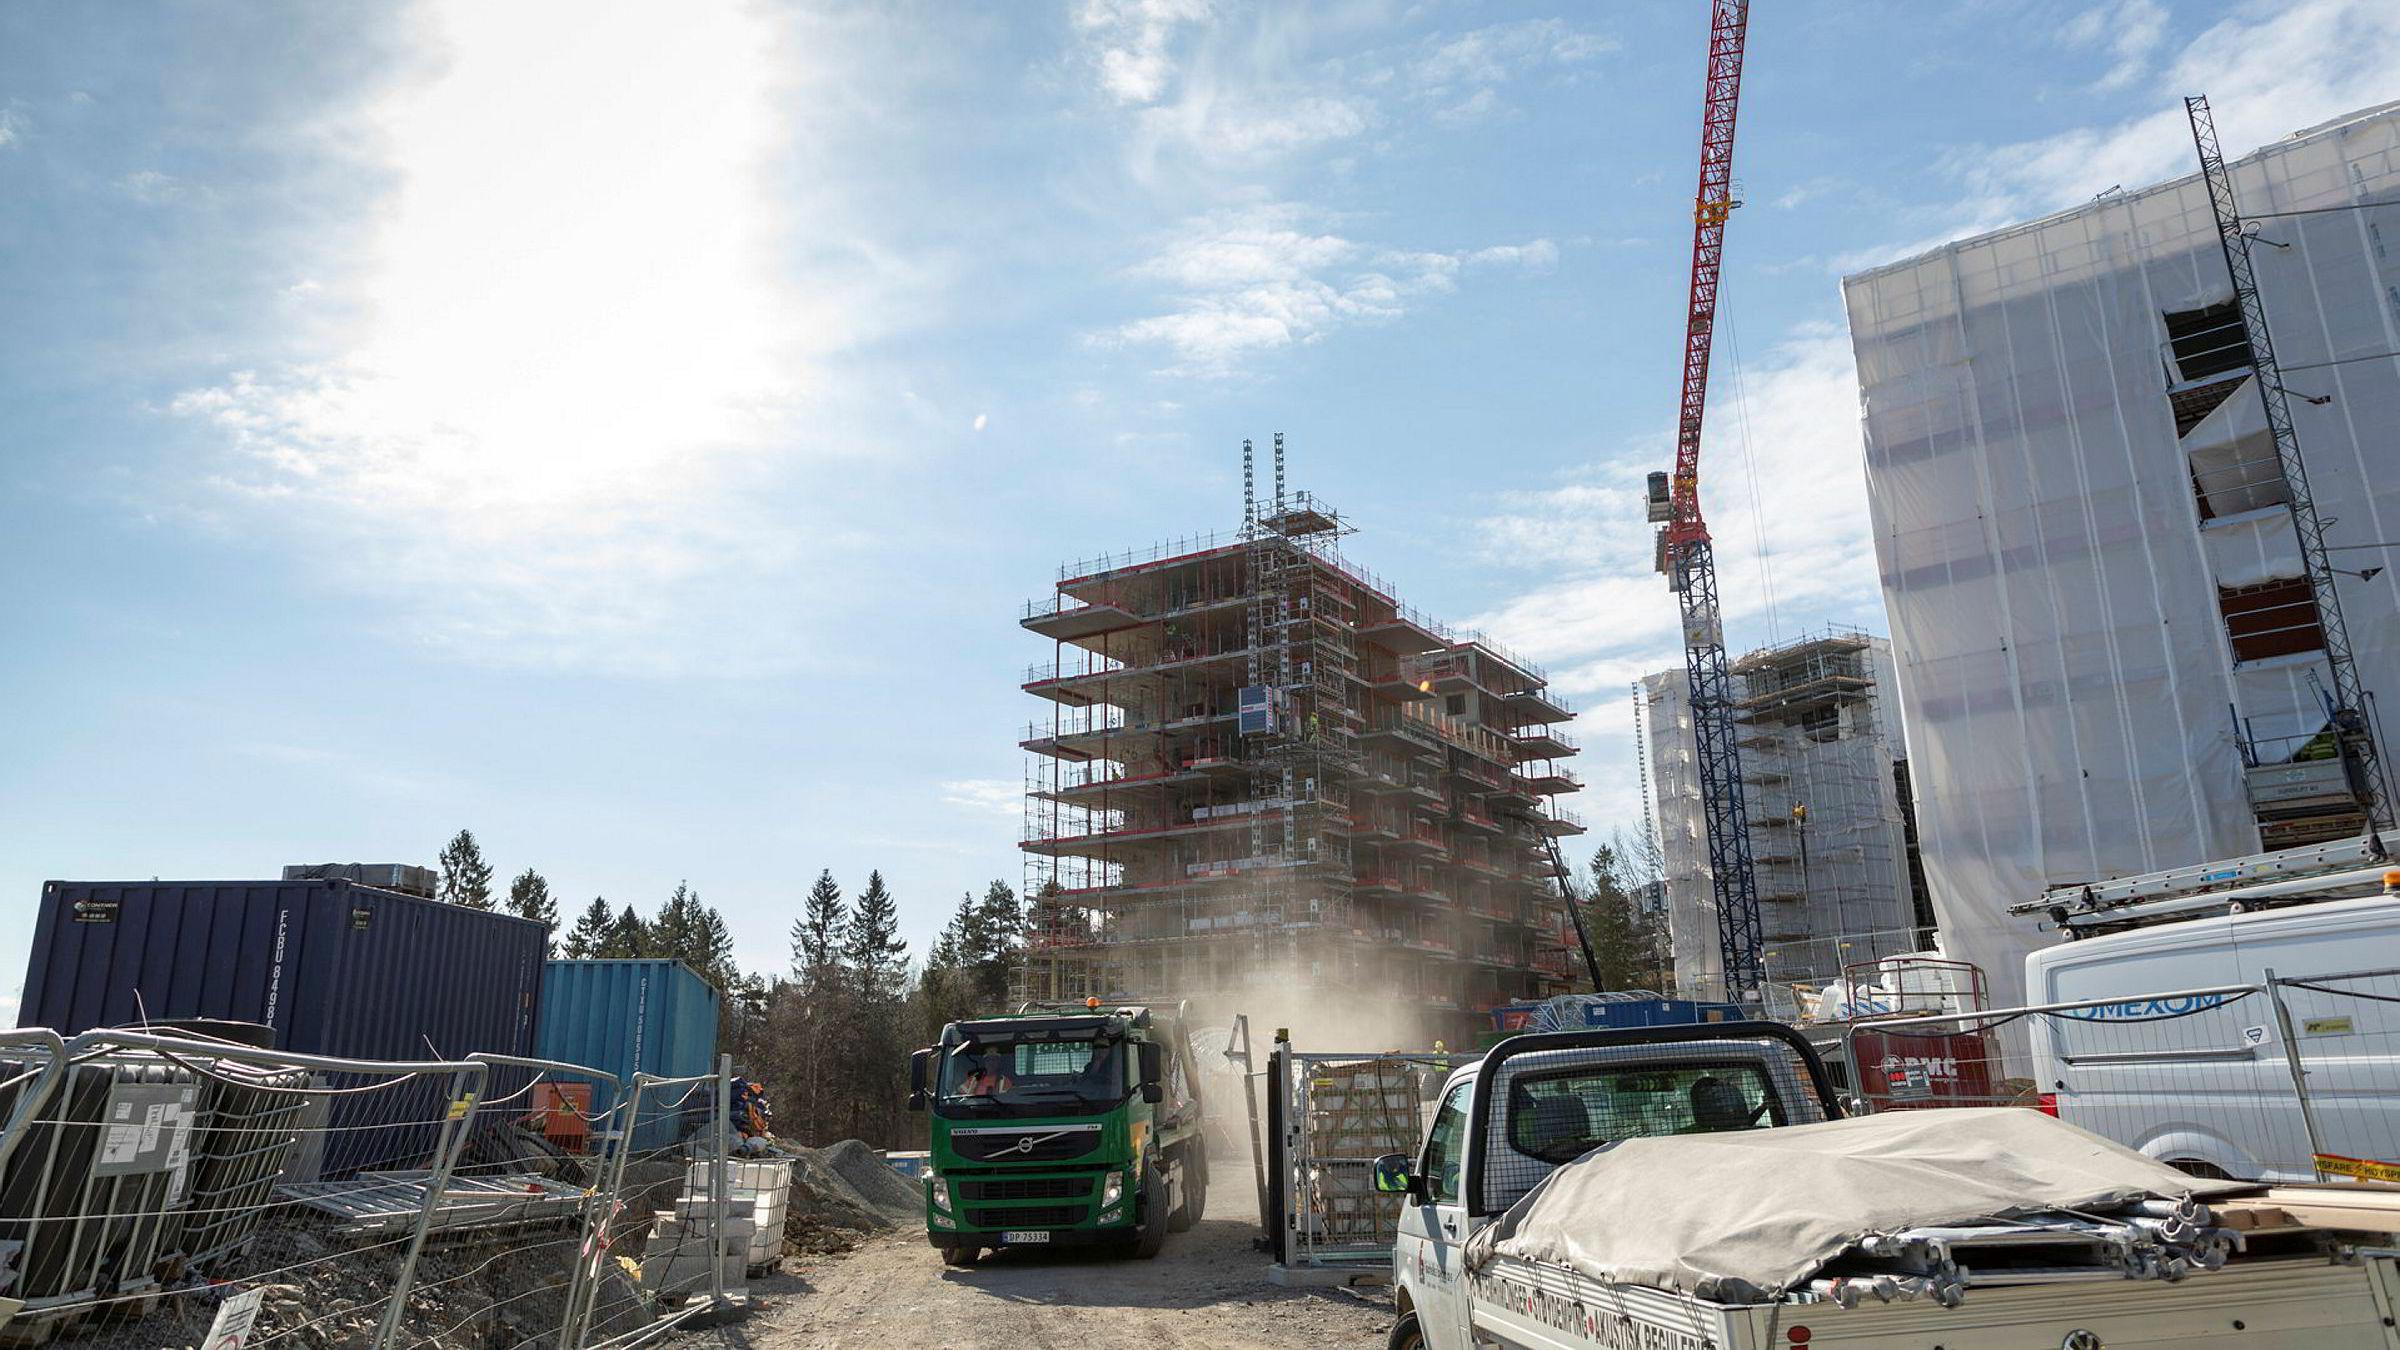 Lavt boligsalg kan gi bråstopp i boligbyggingen fremover. Her ser vi boligbygging i regi av AF-gruppen og Obos i Ostadalsveien på Røa Anleggsplass fra 2019.